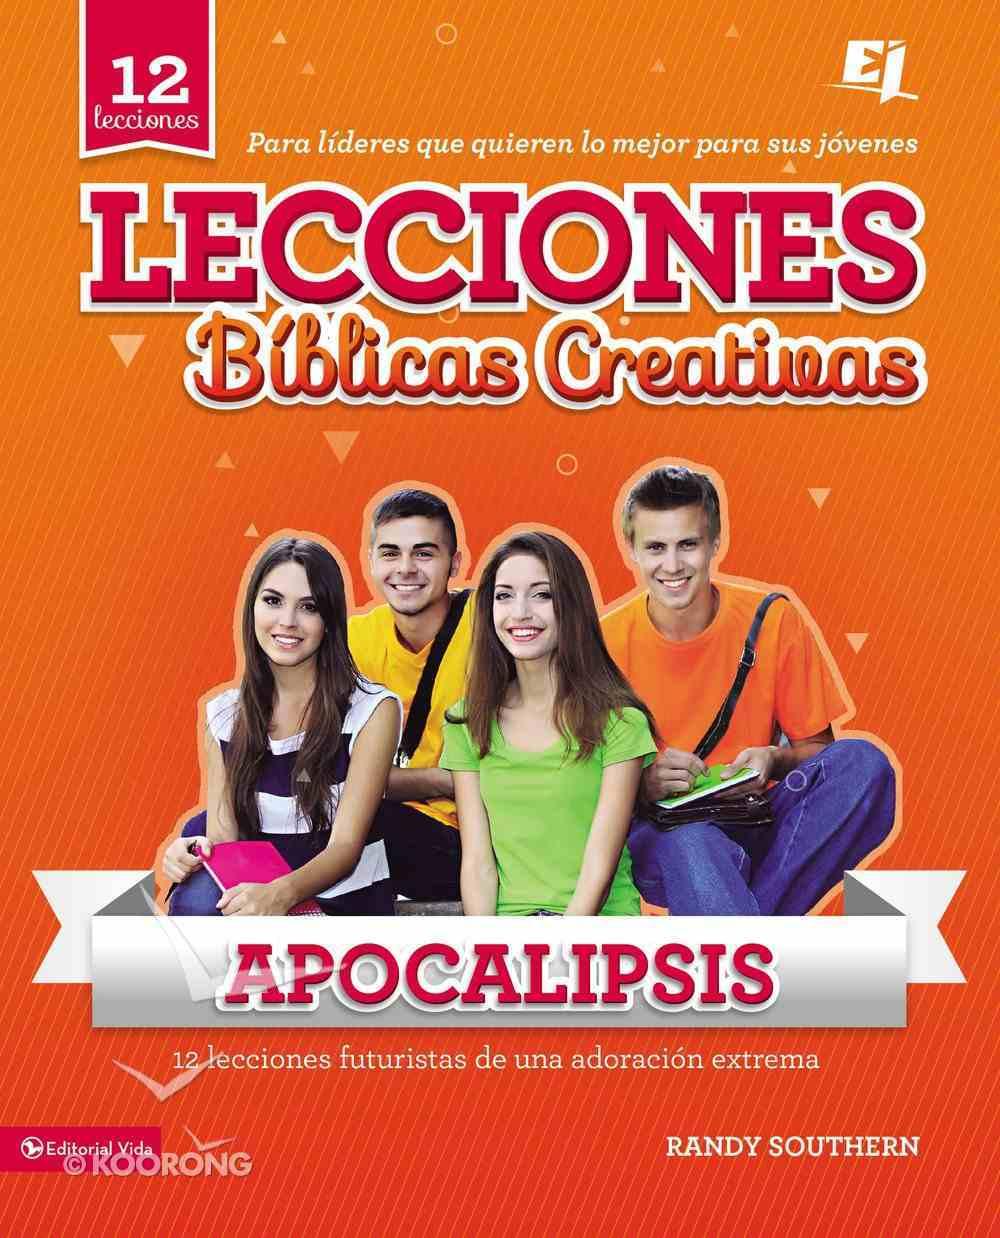 Lecciones Bblicas Creativas: Apocalipsis Paperback